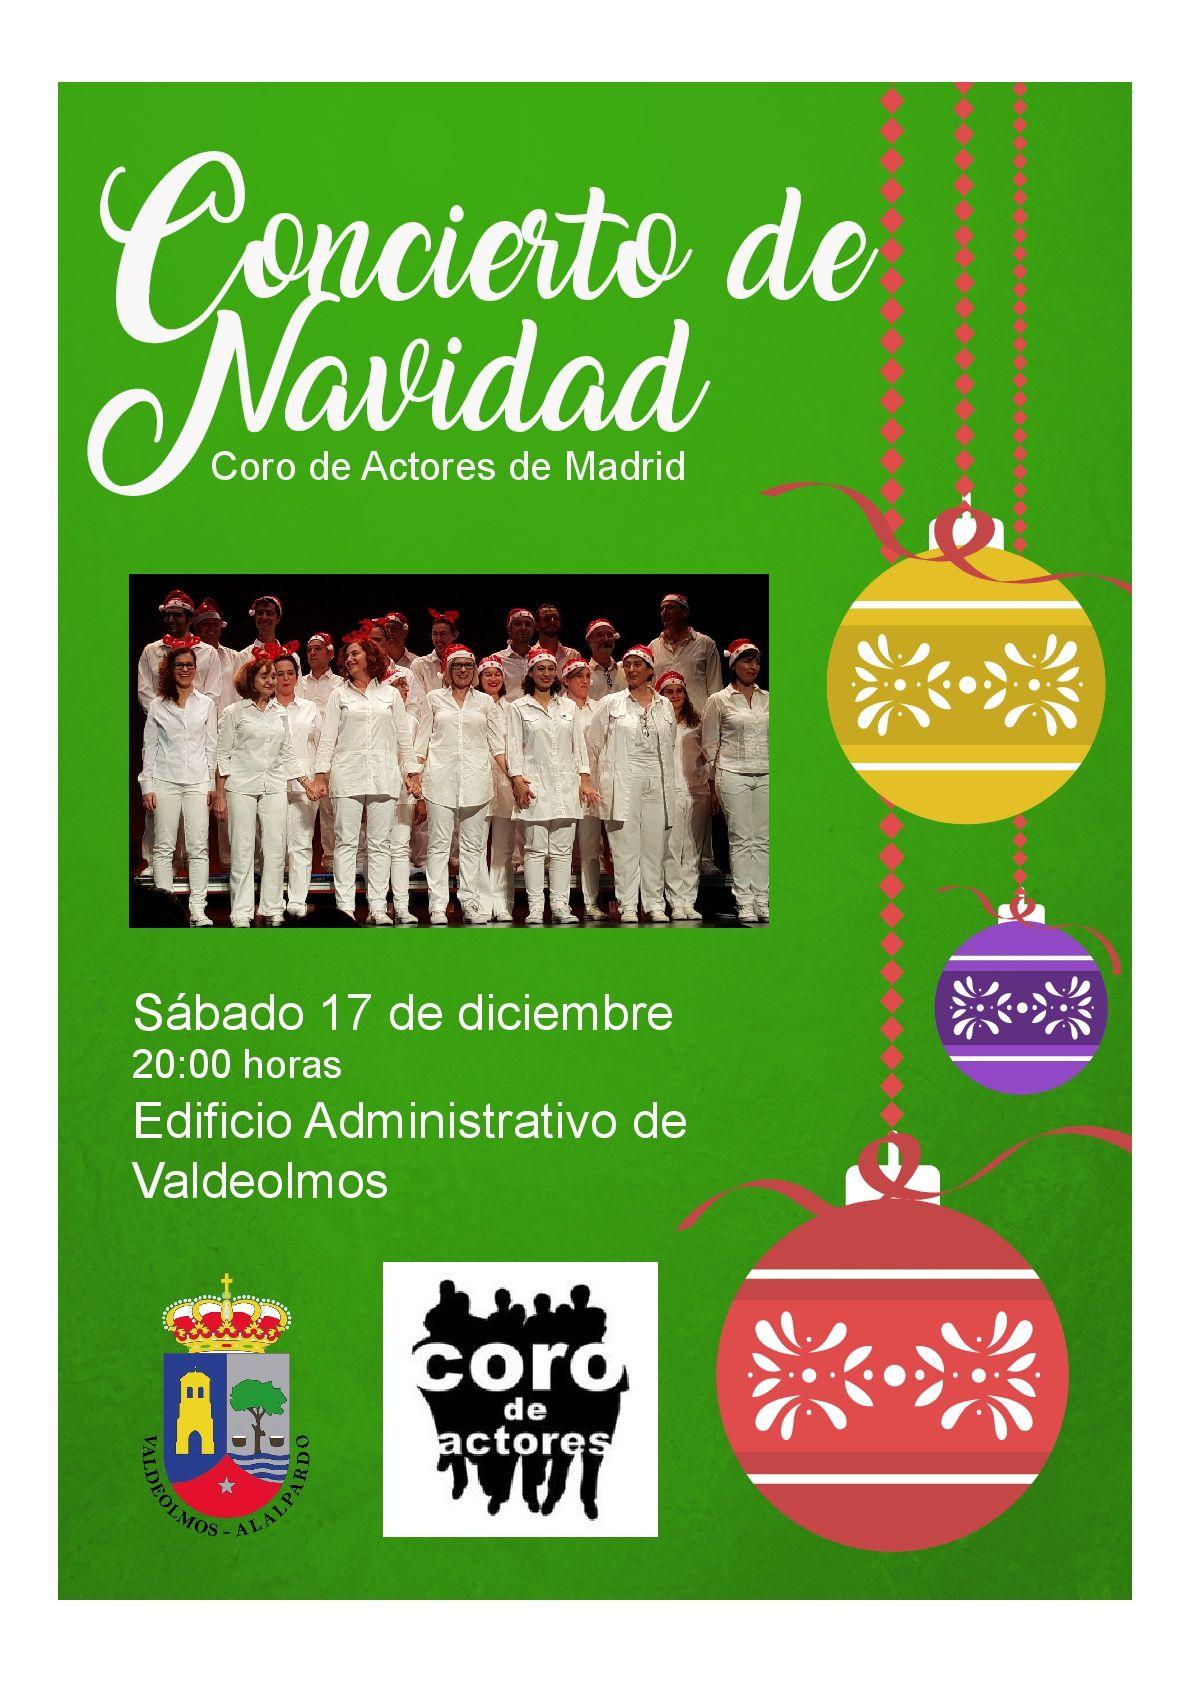 coro-de-actores-de-madrid_concierto-de-navidad-0011